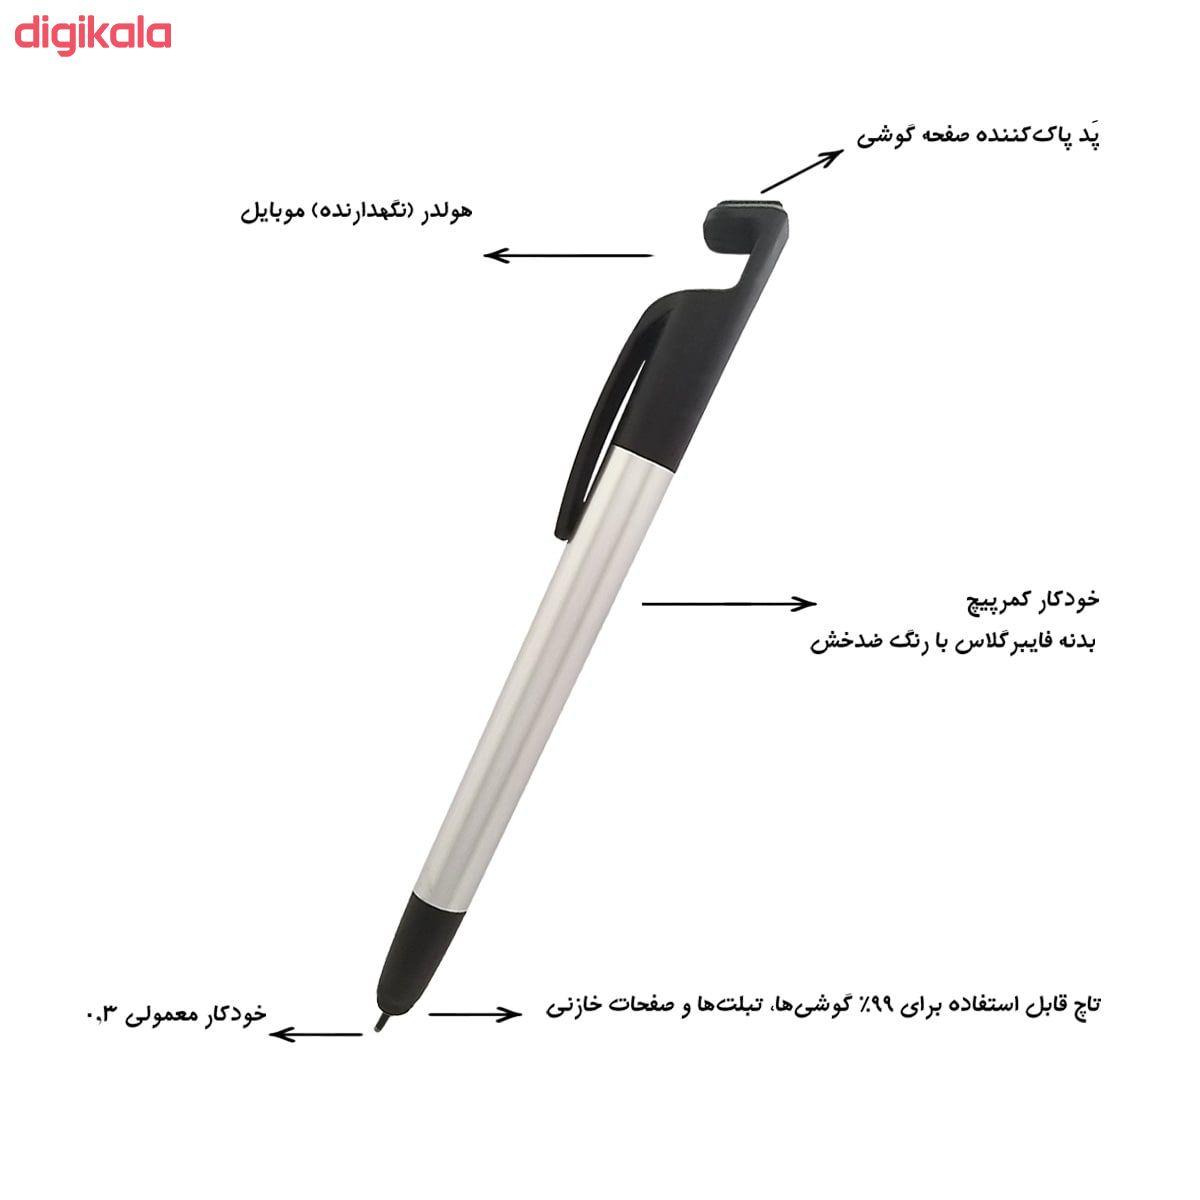 قلم لمسی و پایه نگهدارنده موبایل مدل SKJMRJNQ002369 main 1 11